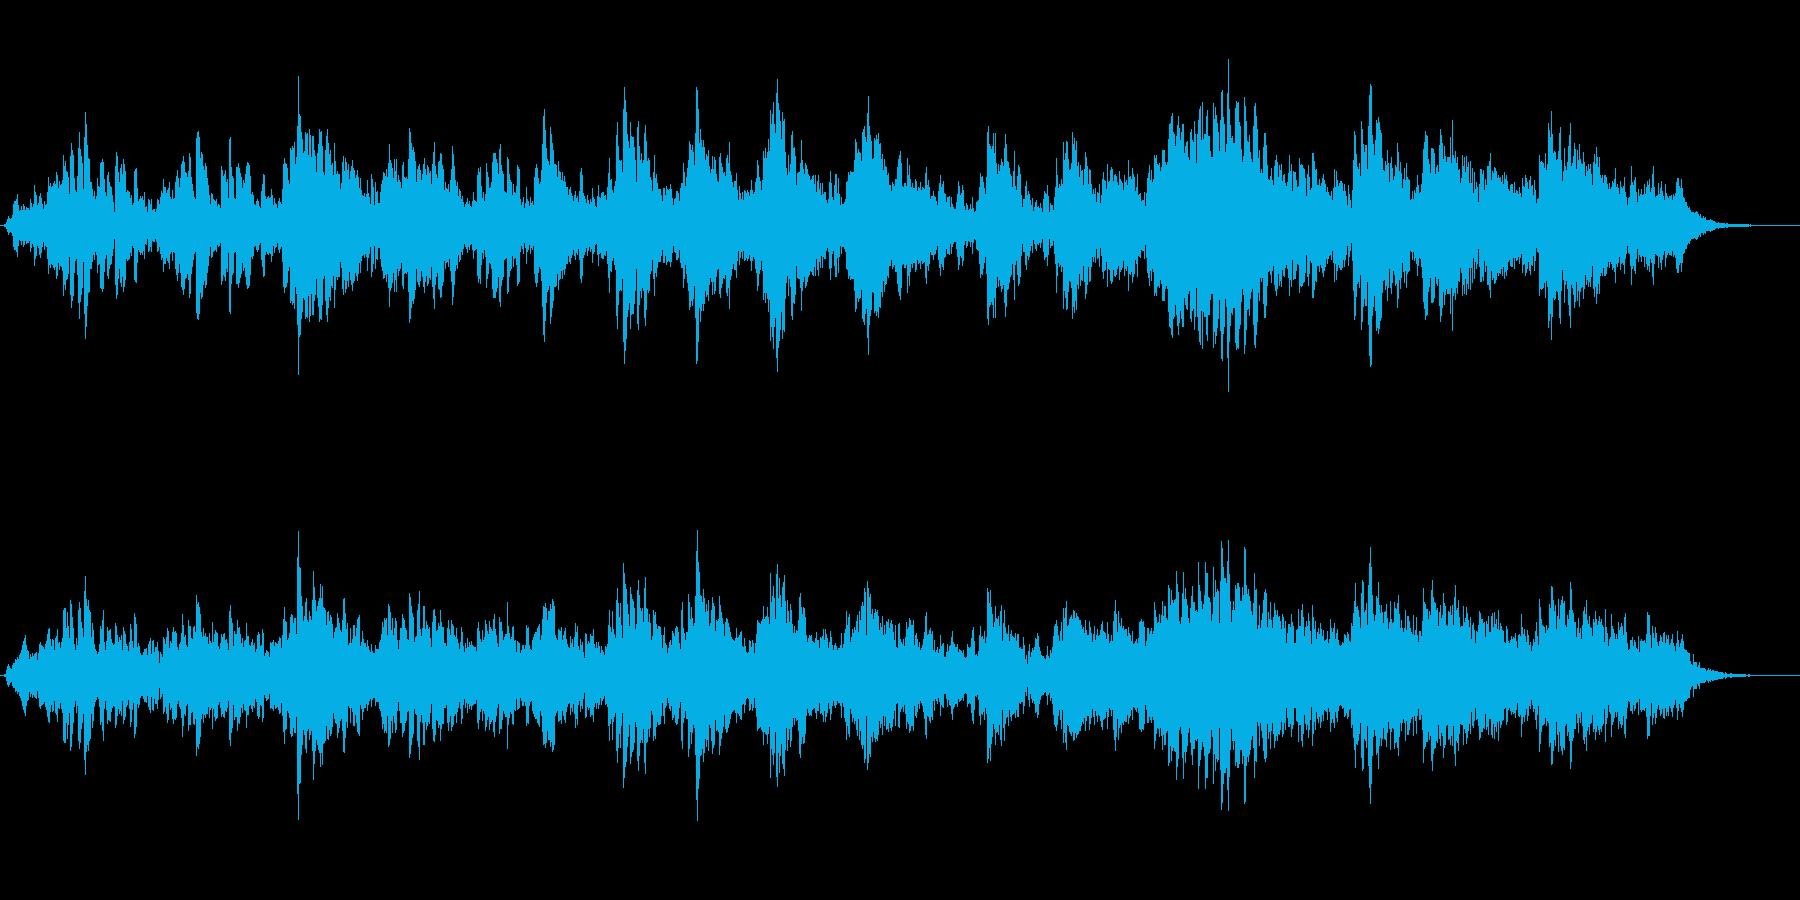 ピアノとシンセパッドの幻想的なジングルの再生済みの波形